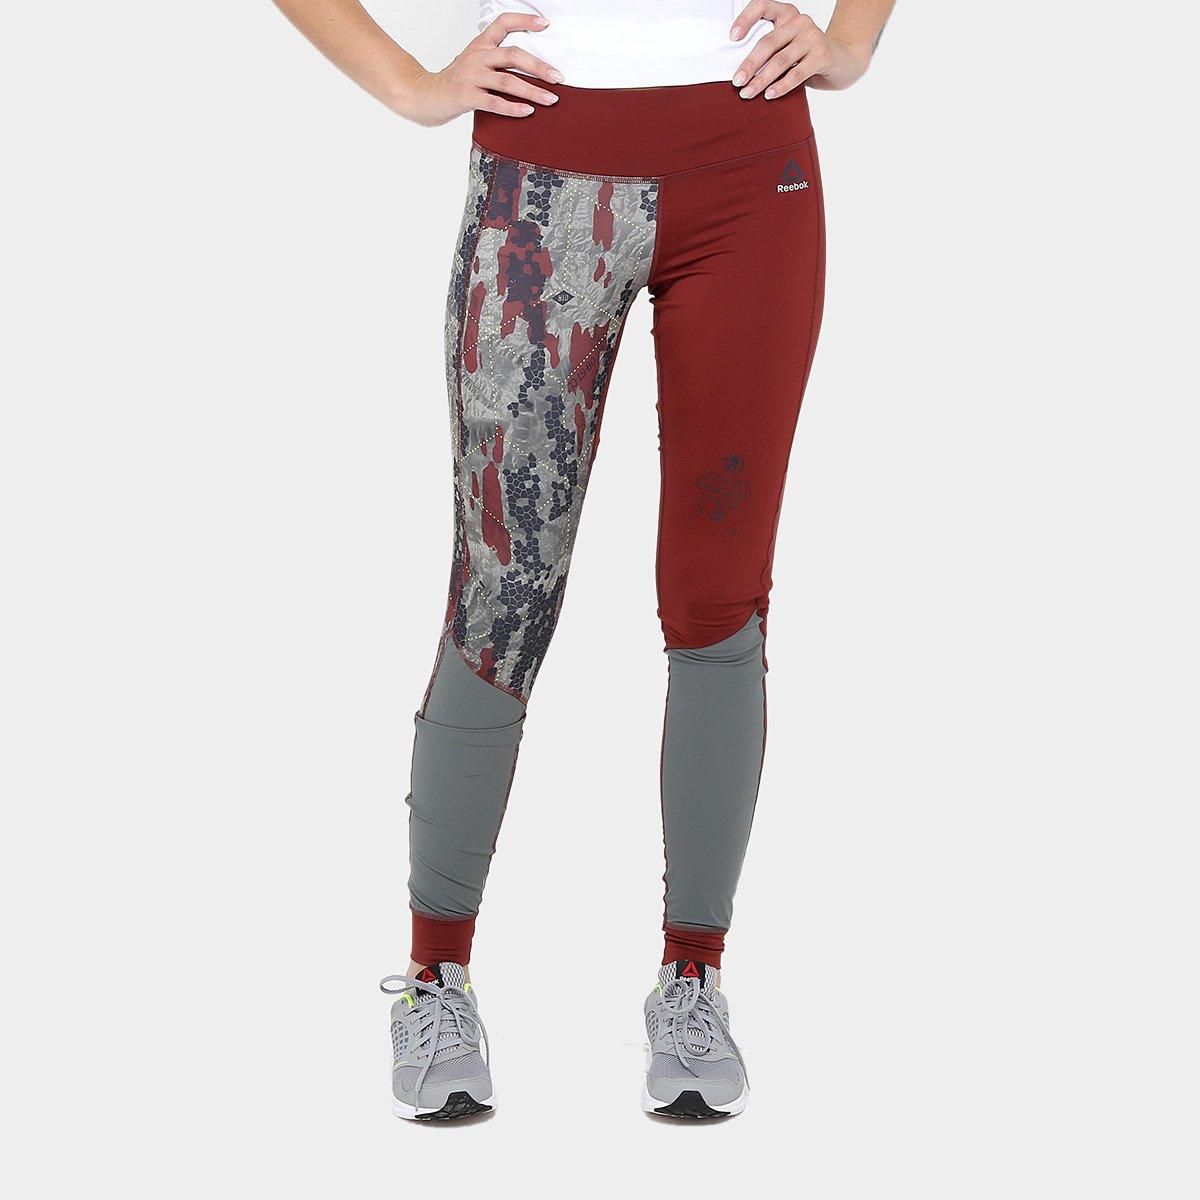 45498b3507a Calça Legging Reebok Compressão Sr Feminina - Compre Agora